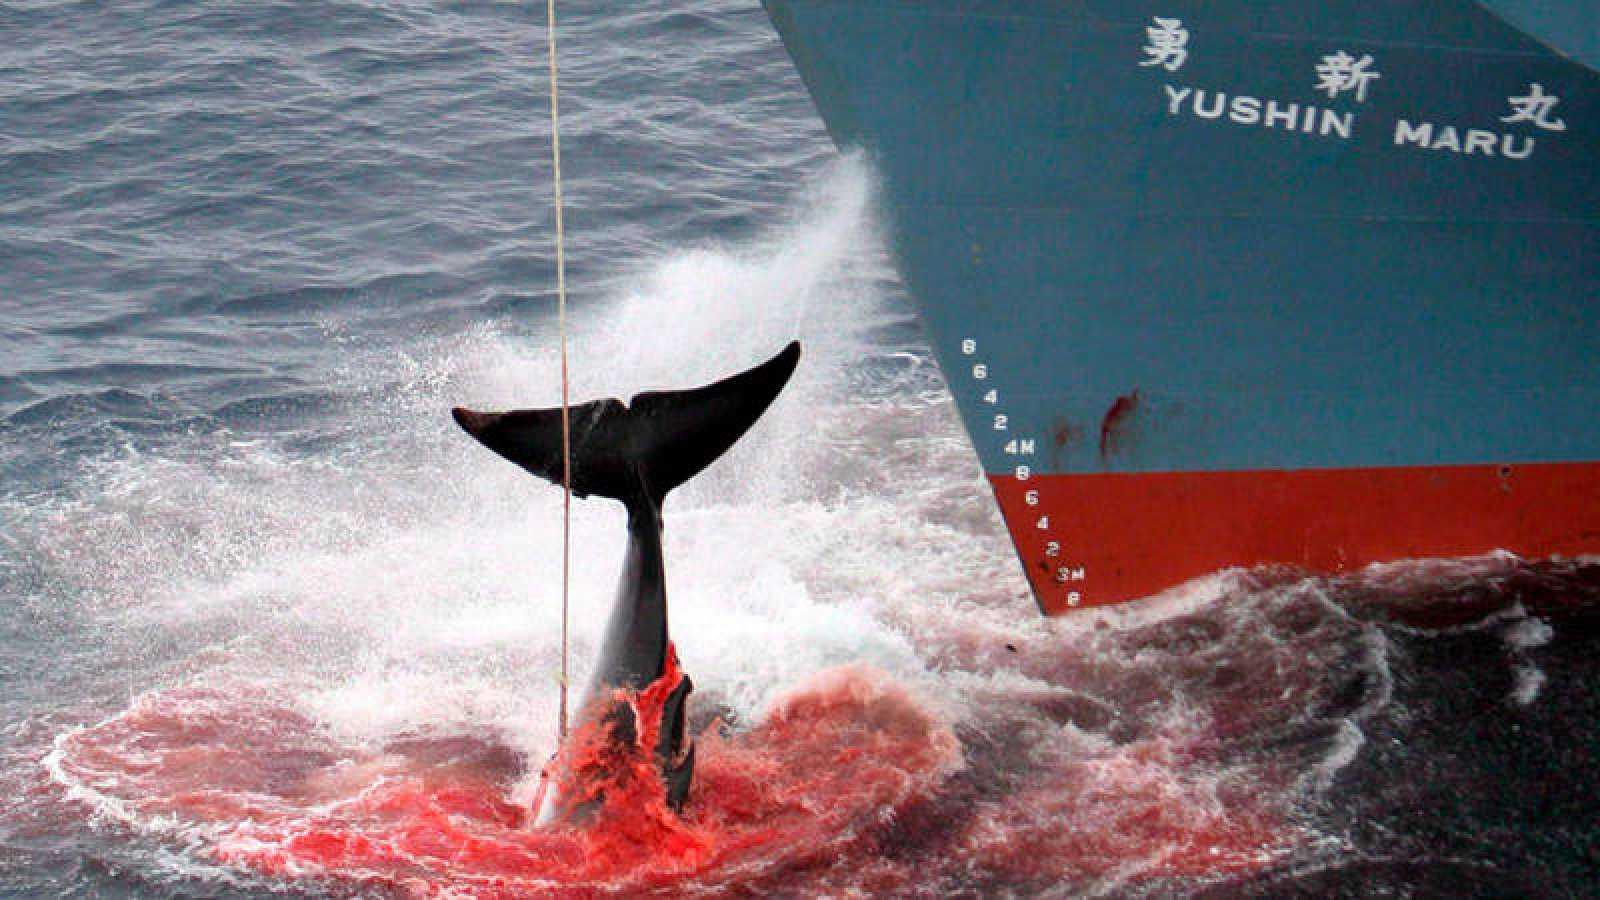 En 2014, la Corte de la Haya declaró ilegal las capturas balleneras japonesas en el Antártico.